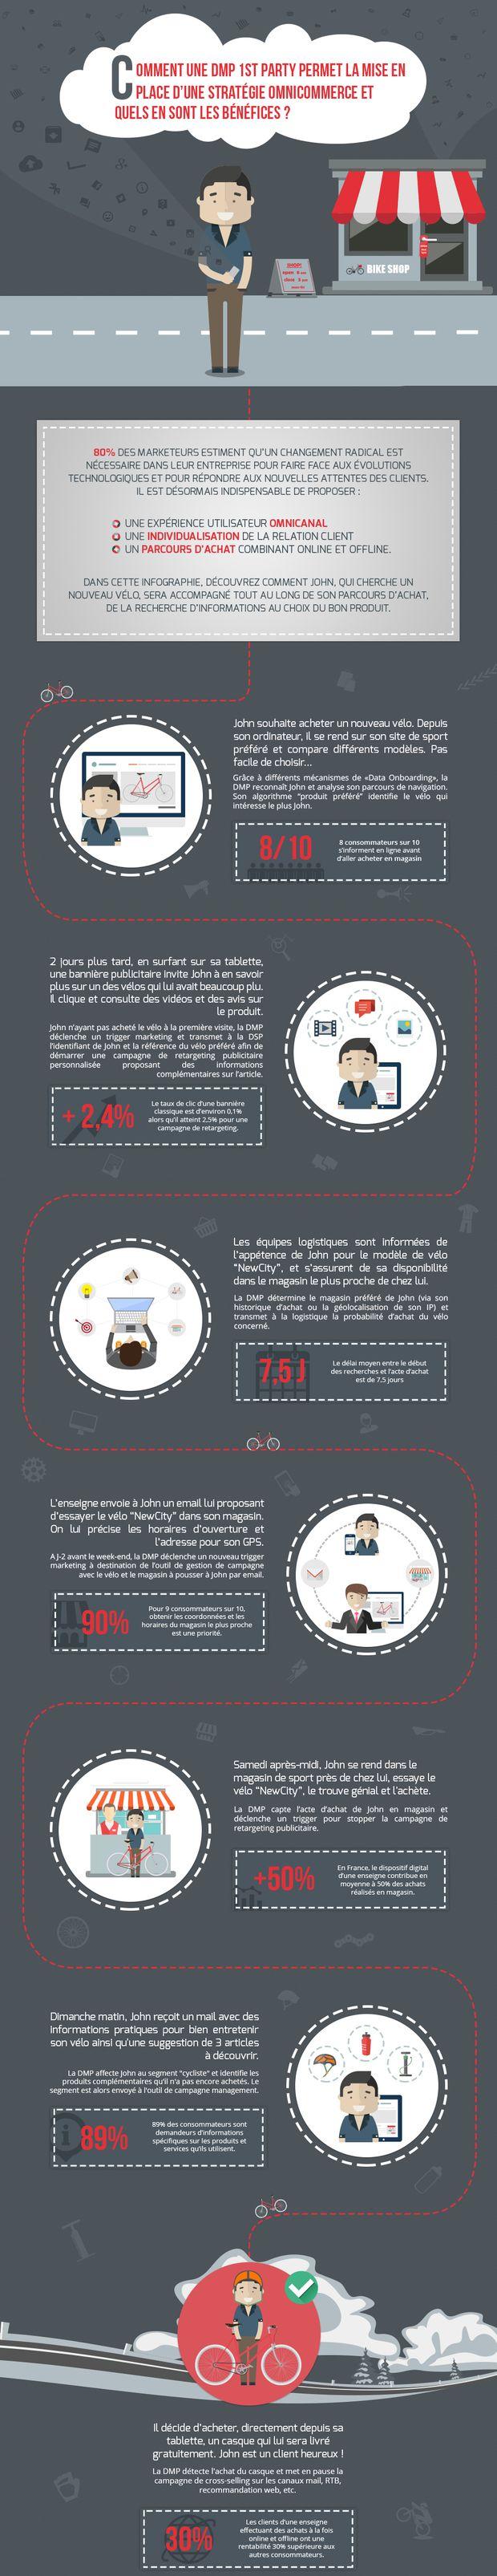 Scénarisation d'un parcours de vente omnicommerce optimal. Infographie